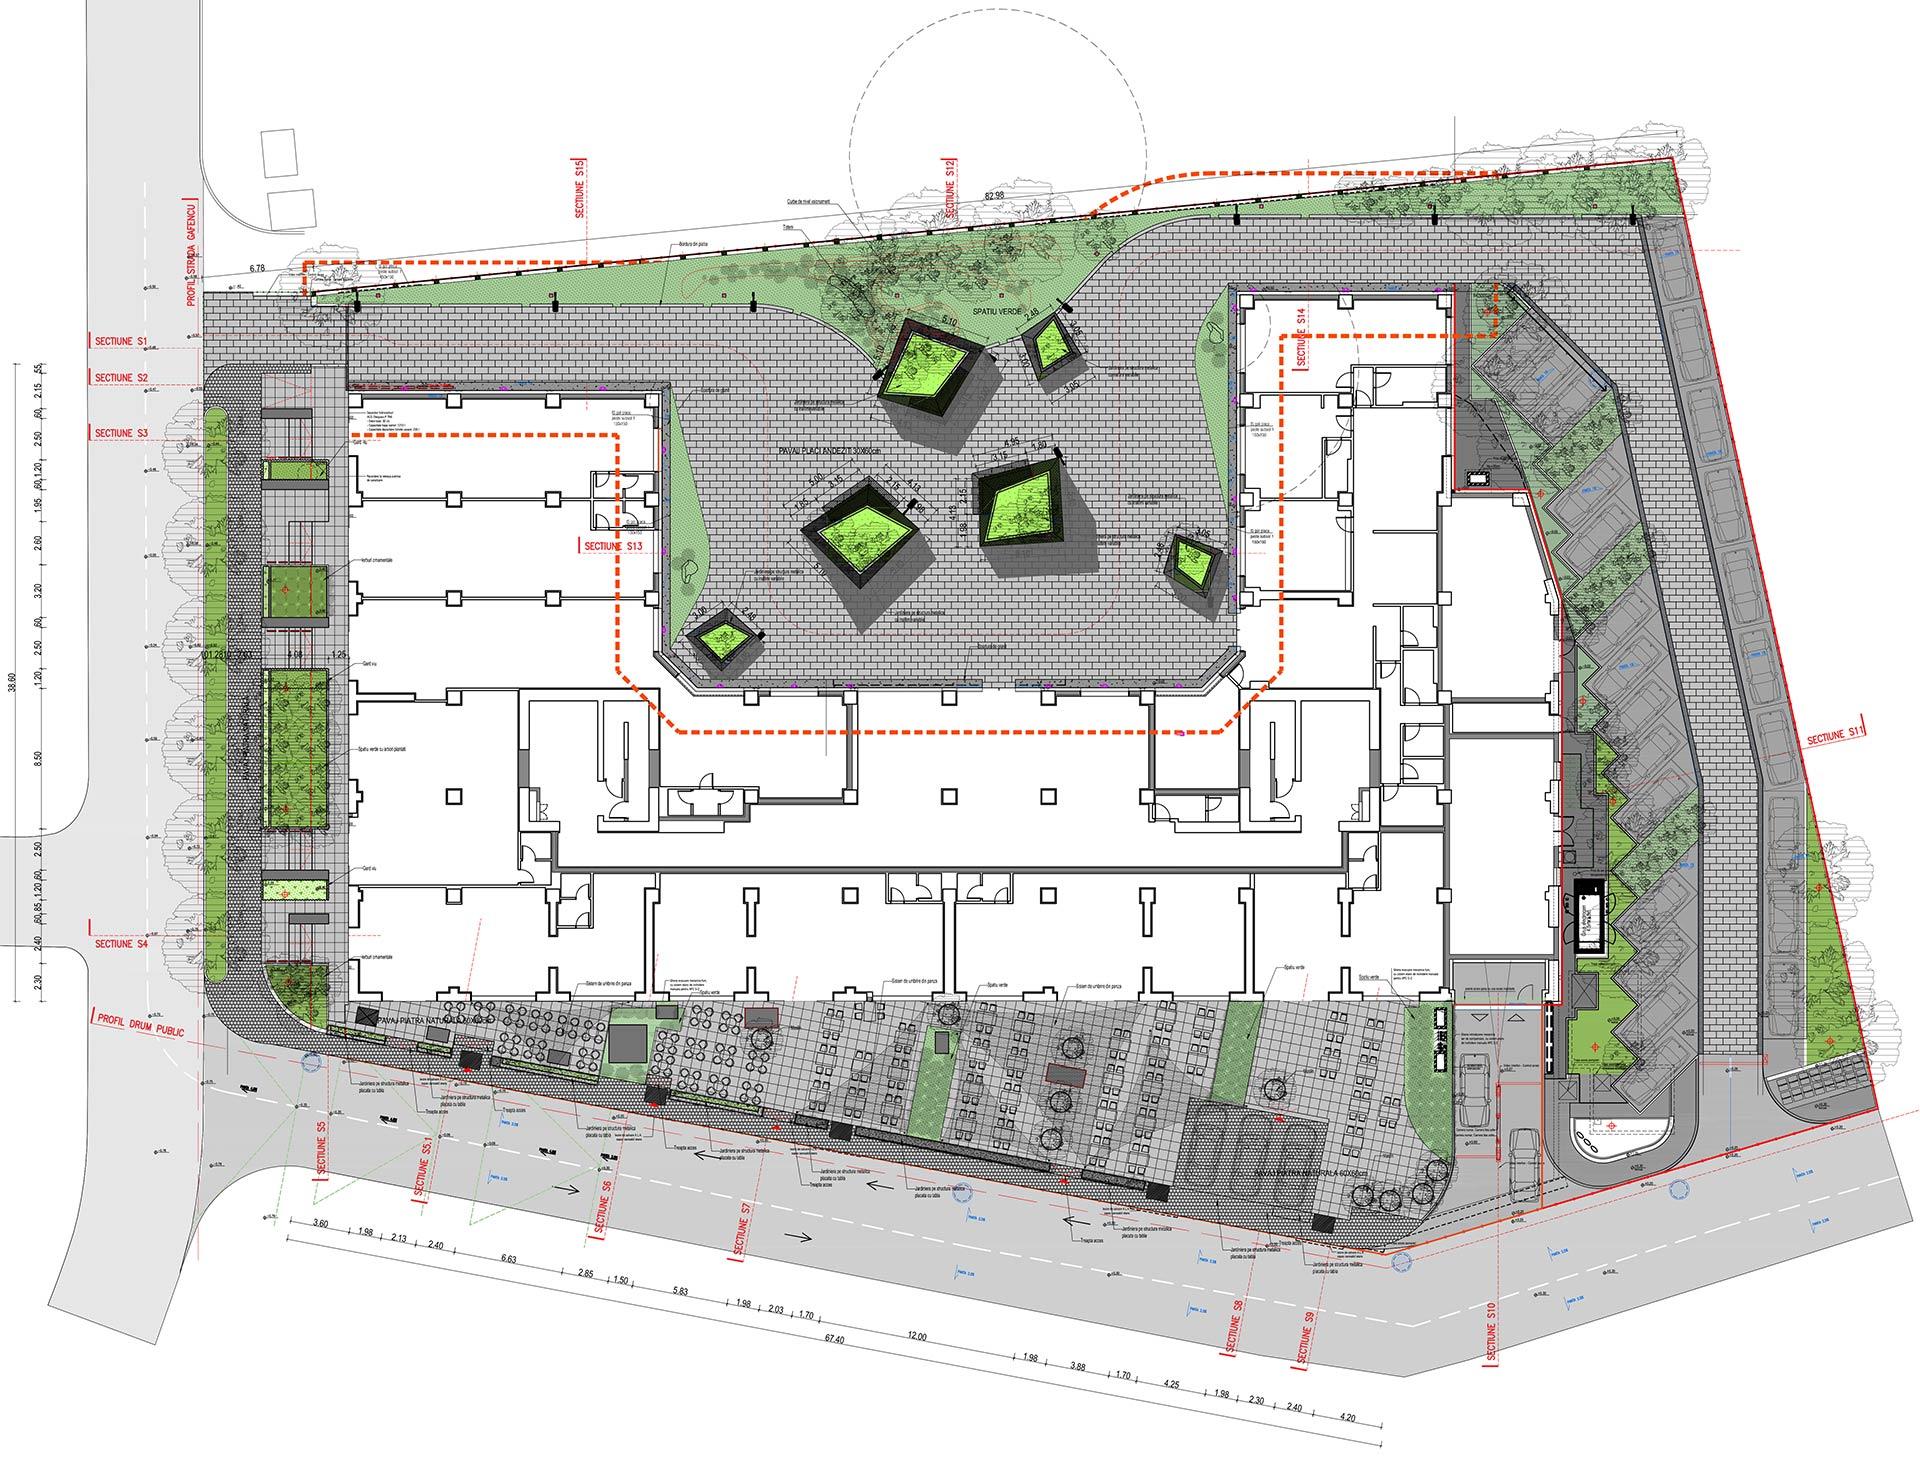 proiect de peisagistica pentru ansambluri rezidentiale